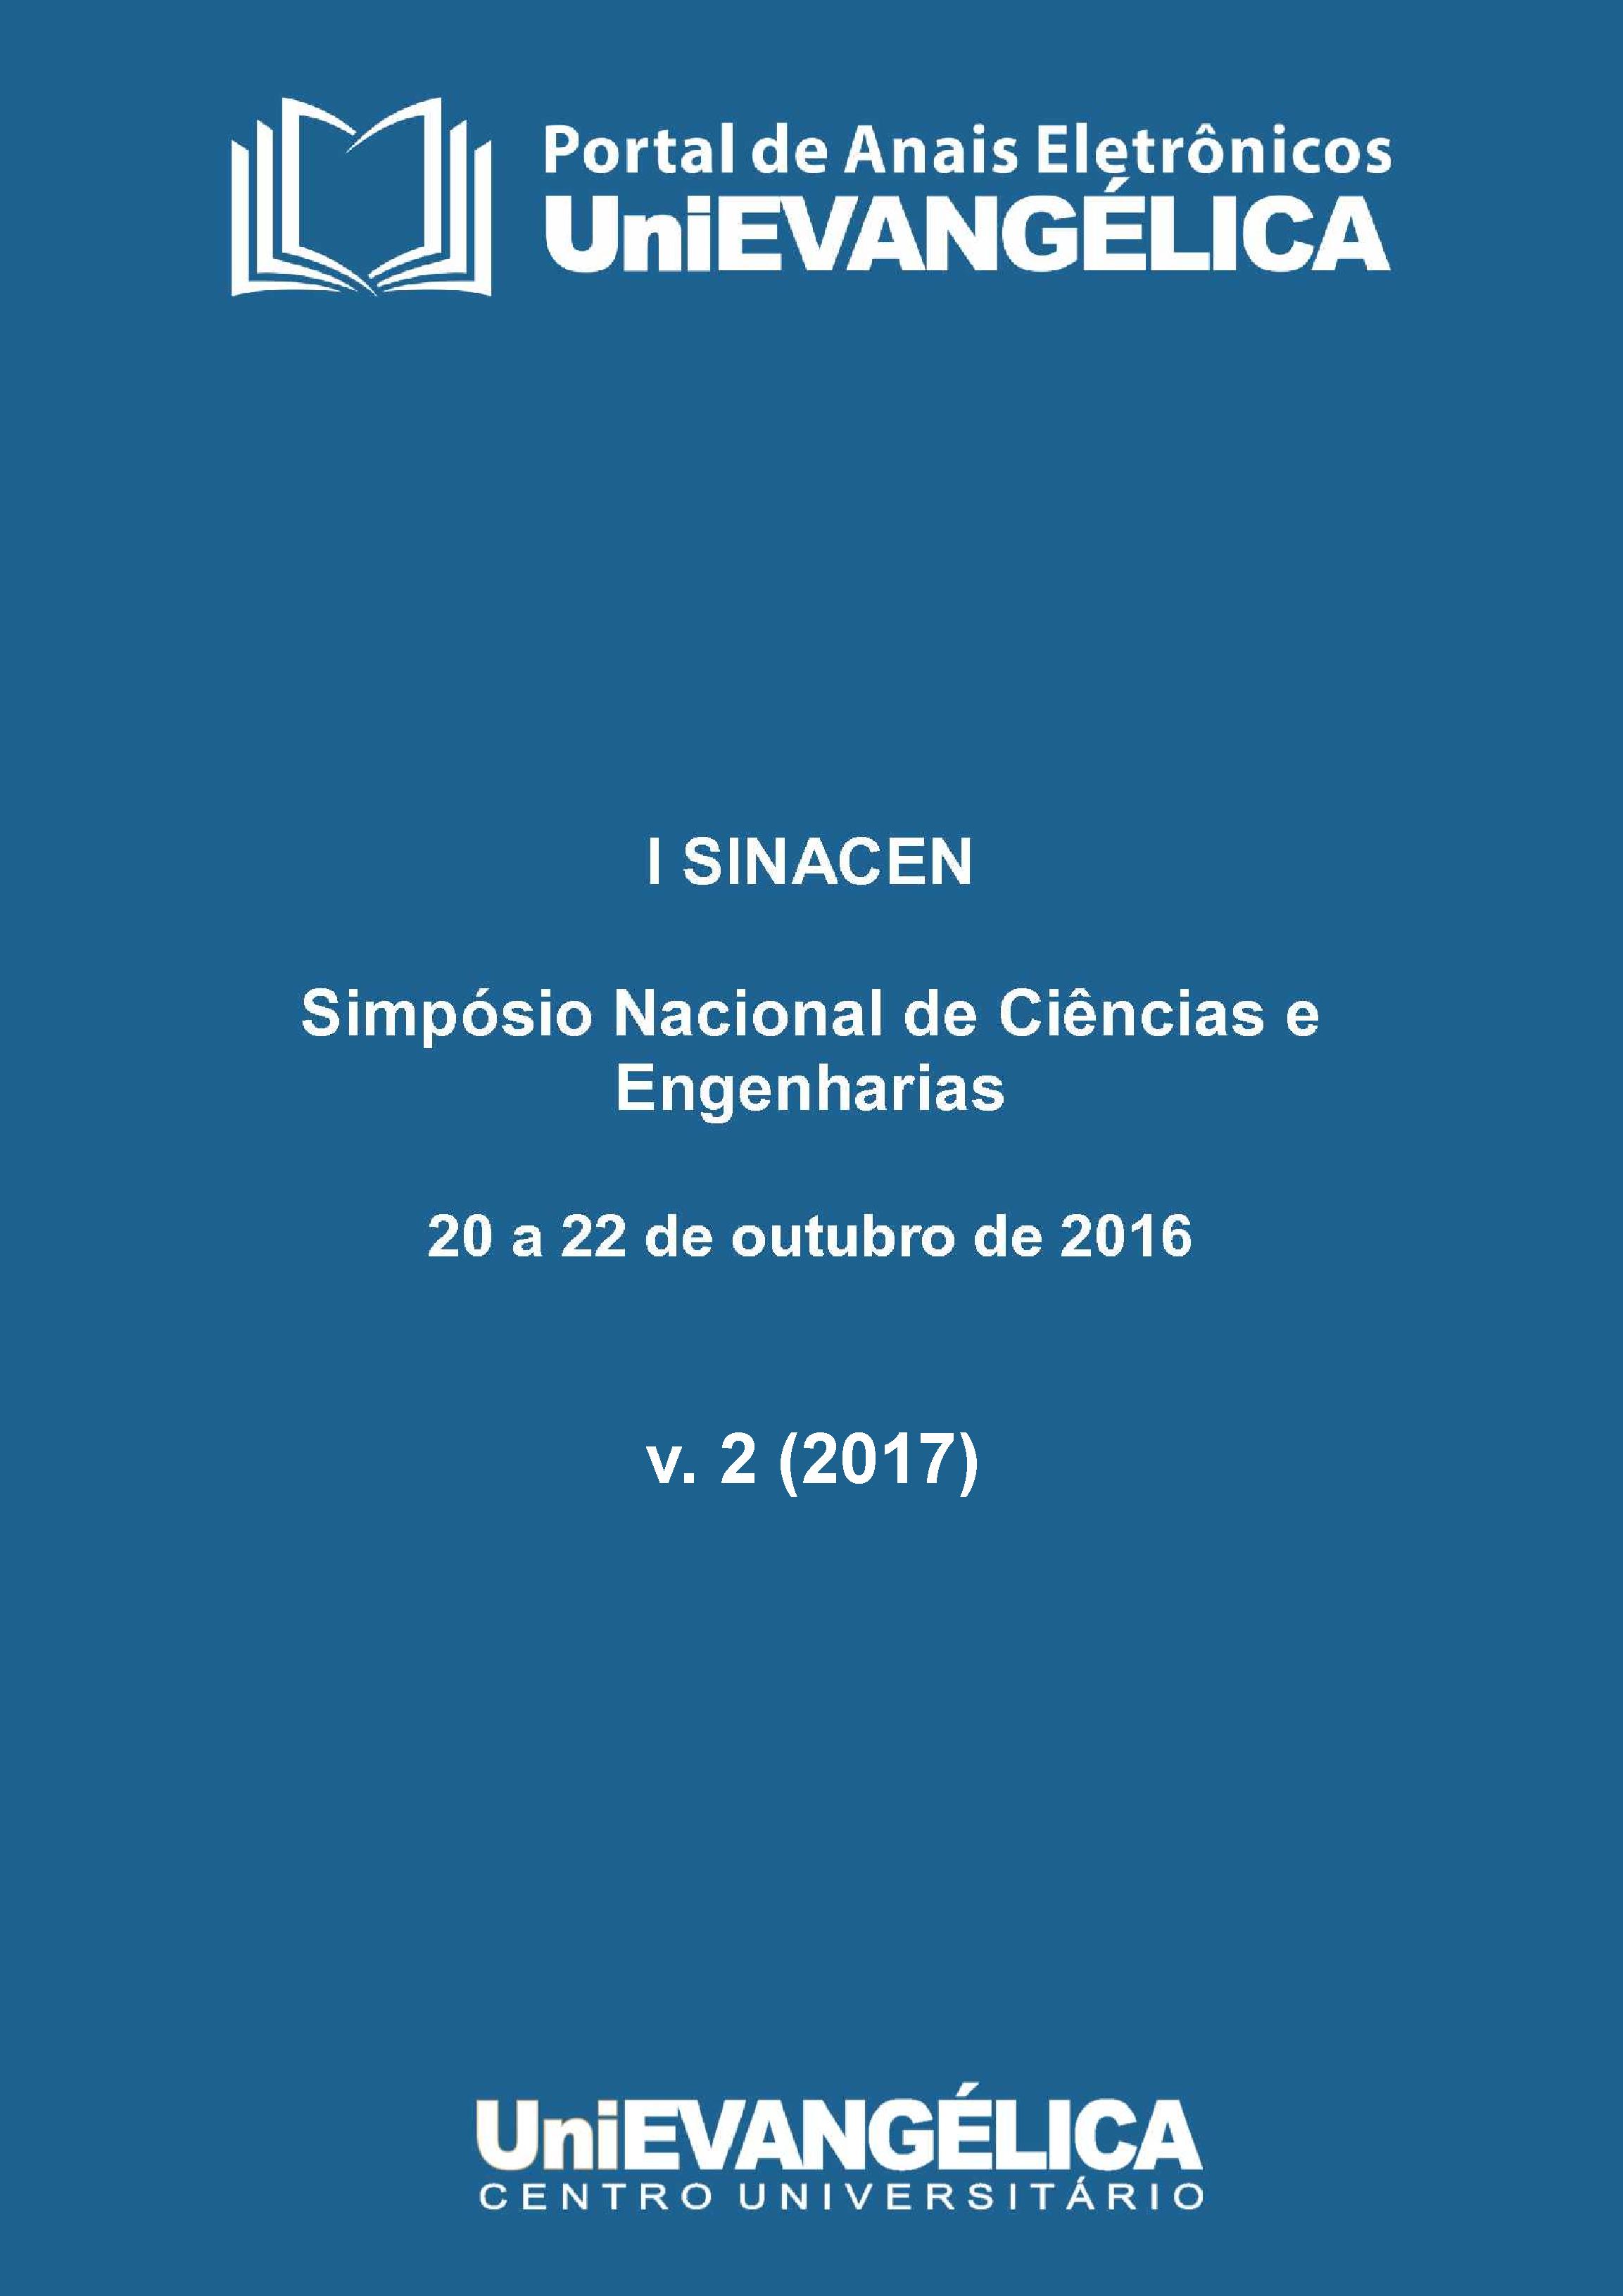 Visualizar v. 2 (2017): Anais do SIMPÓSIO NACIONAL DE CIÊNCIAS E ENGENHARIAS (SINACEN) 2017